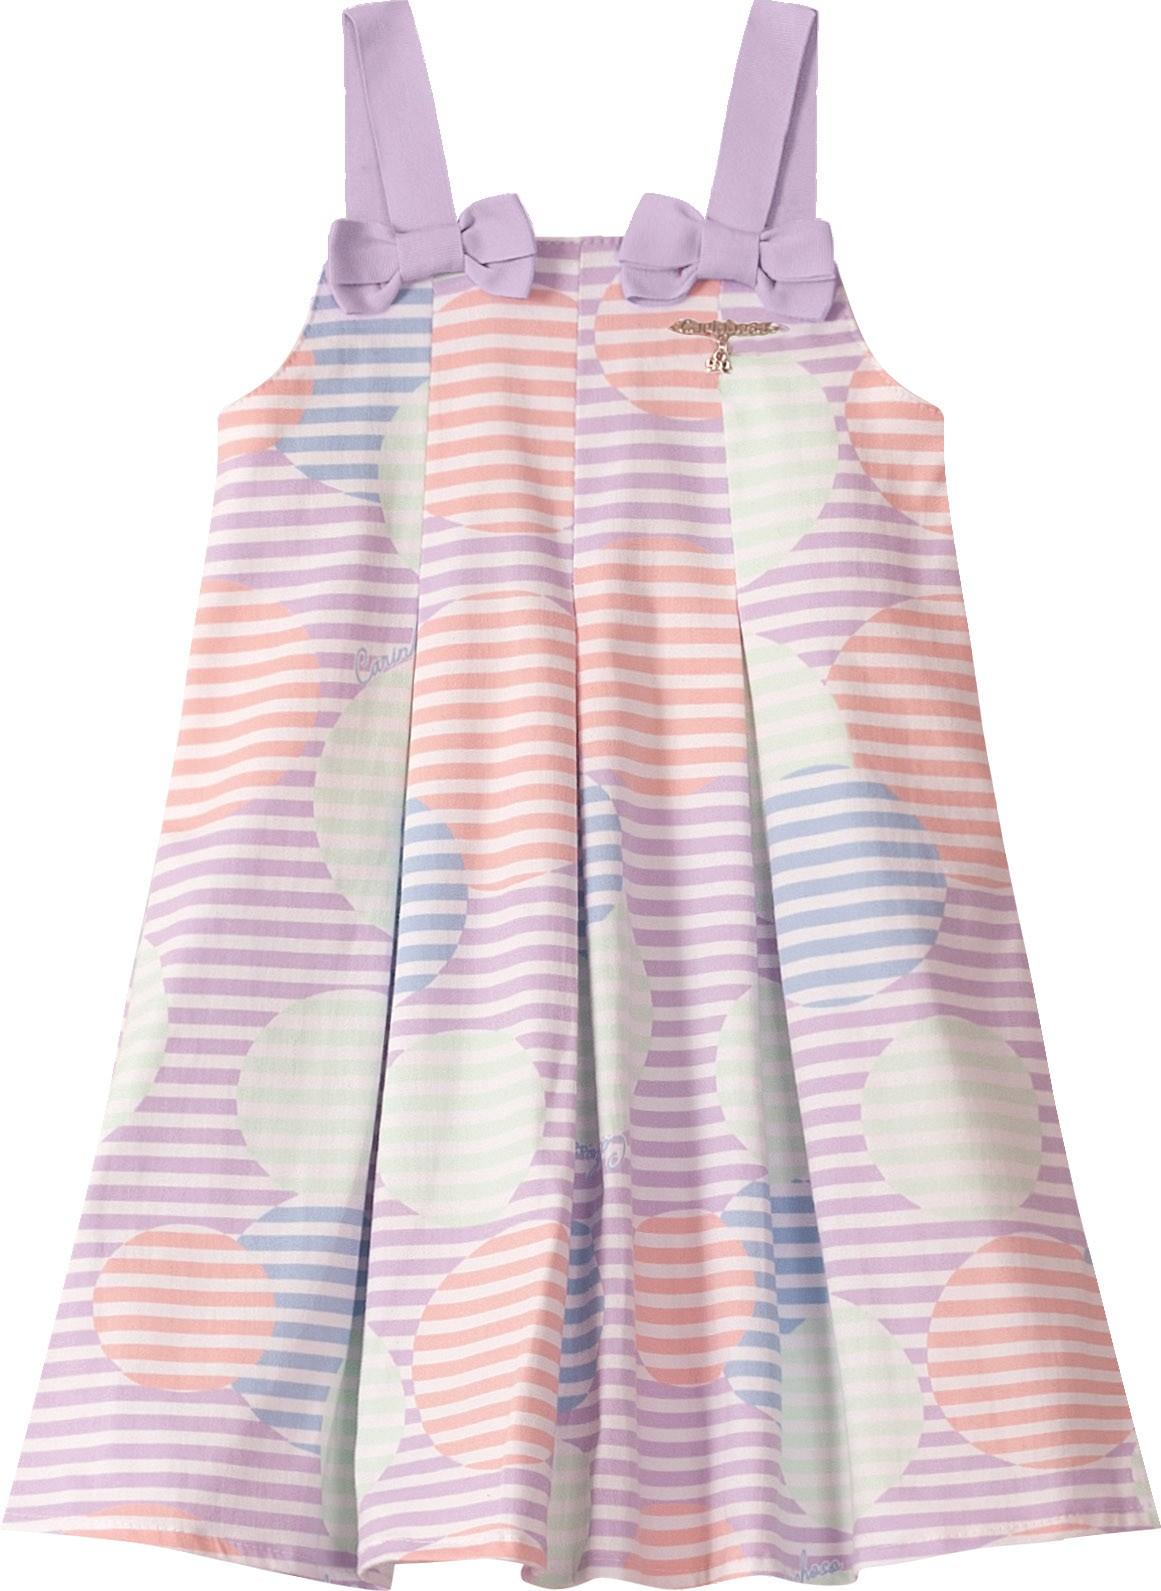 Vestido Curto de Alça com listras Lilás em Algodão com elastano - Tam 01 a 04 anos